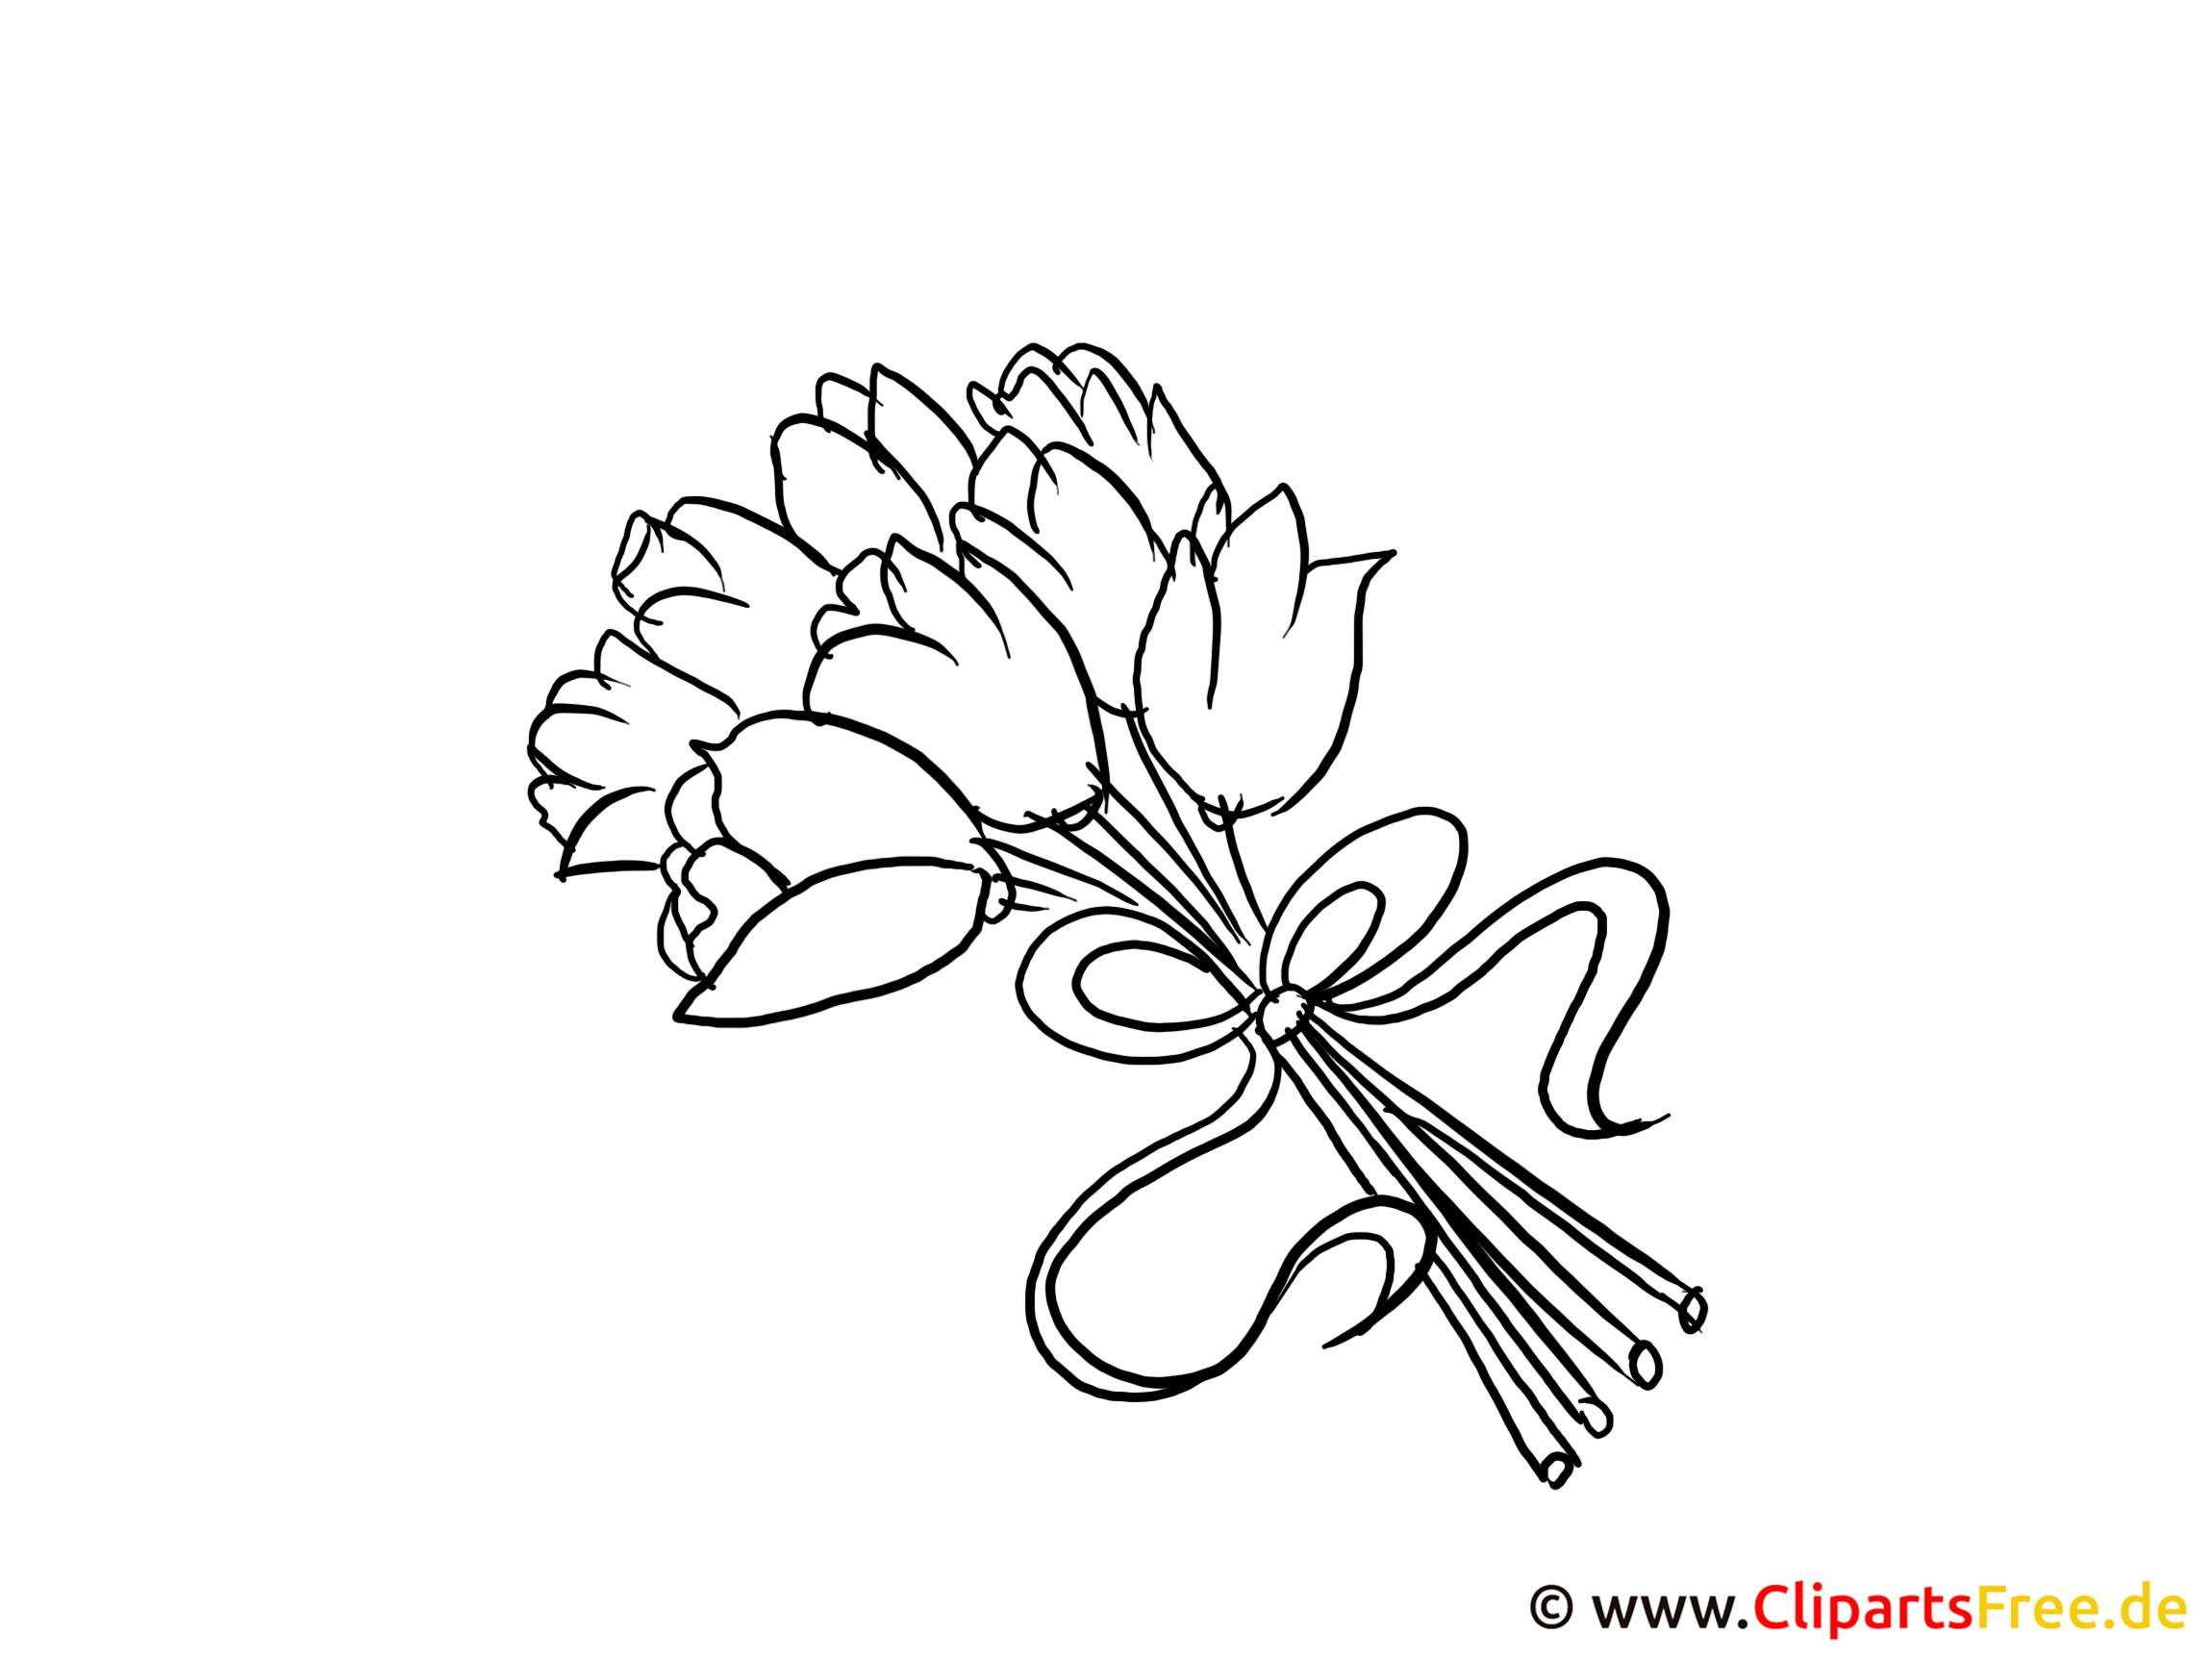 Bild Zum Ausmalen Blumenstrauss ganzes Blumenstrauß Ausmalbilder